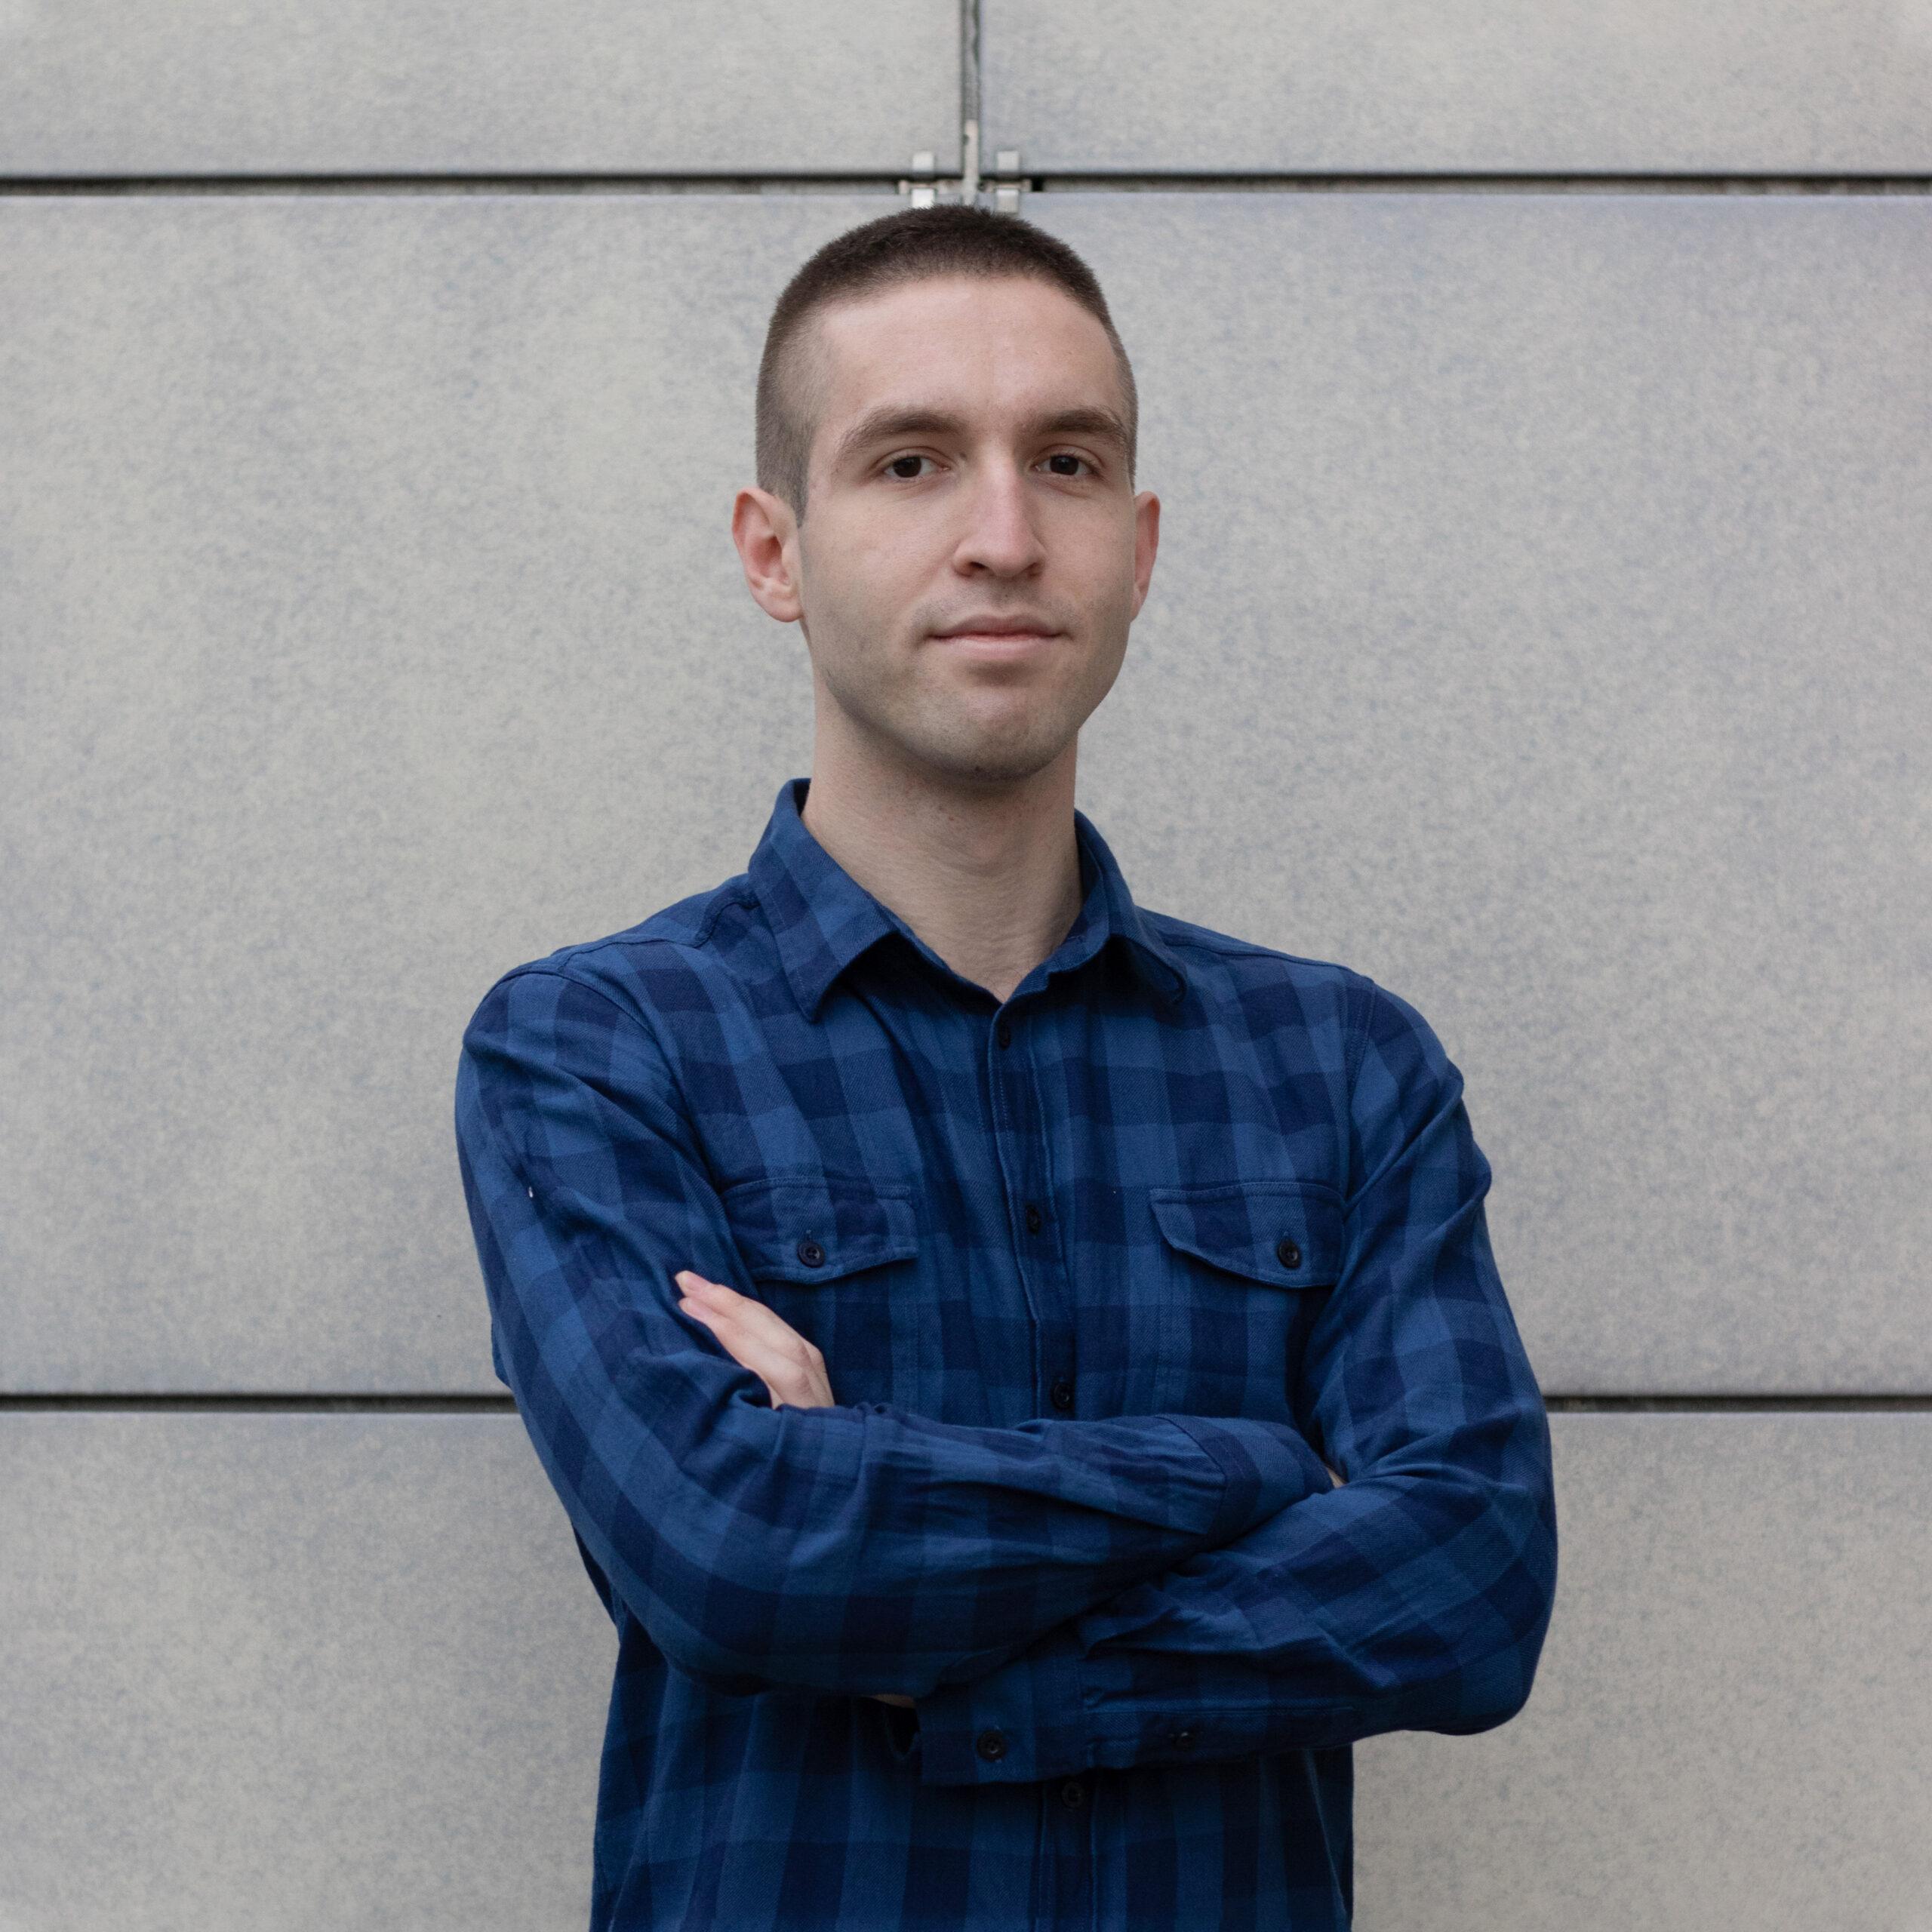 Stefan Ostojić, Participants responsible for Artificial Intelligence BattleGround 2021